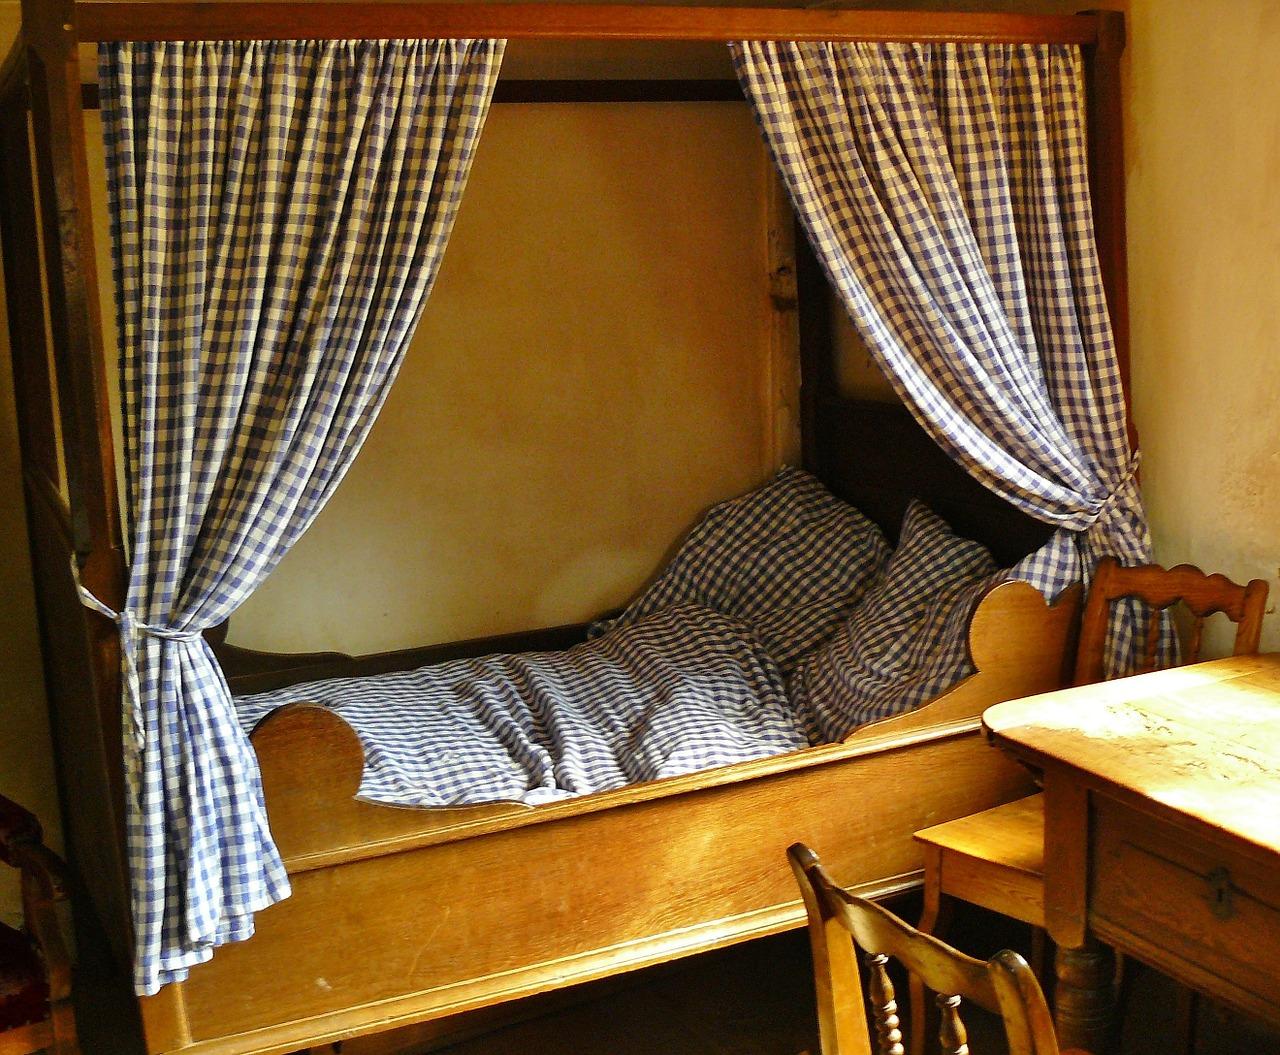 Sypialnia powinna być cicha, ciemna i chłodna. Warto zainstalować rolety, chroniące przed światłem z ulicy